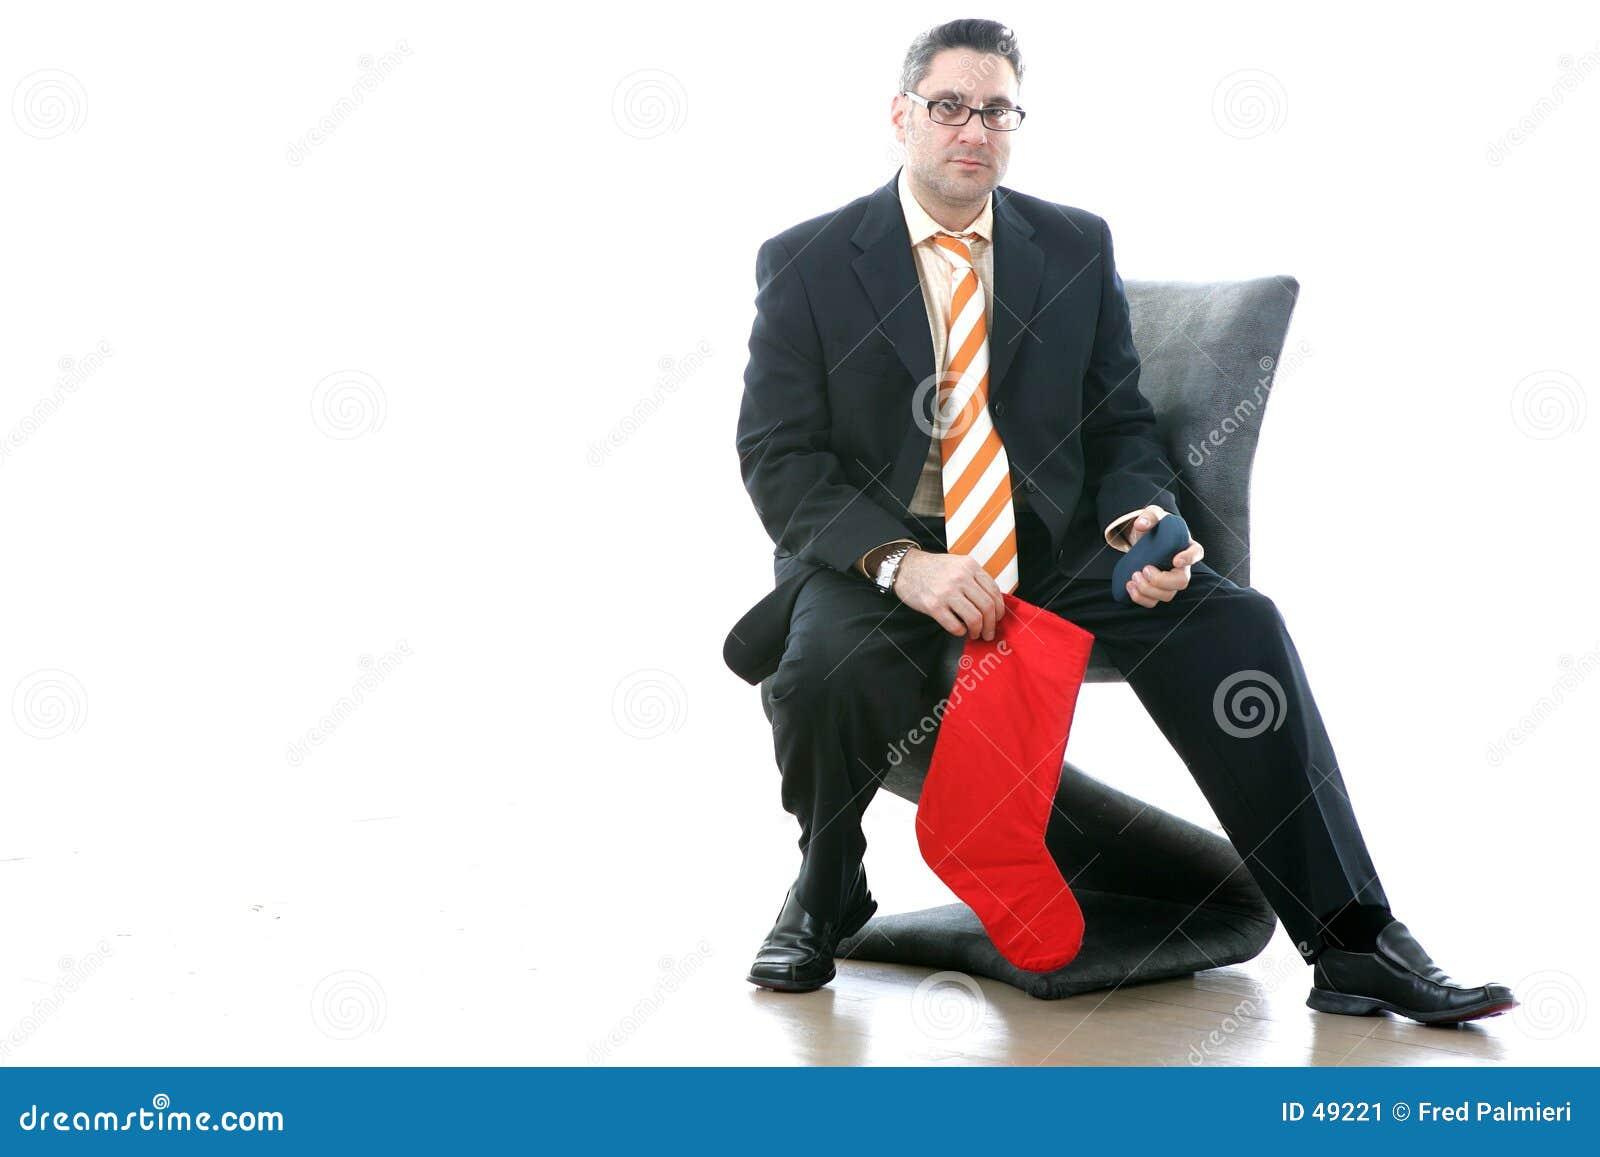 να είστε γυναικεία κάλτσ